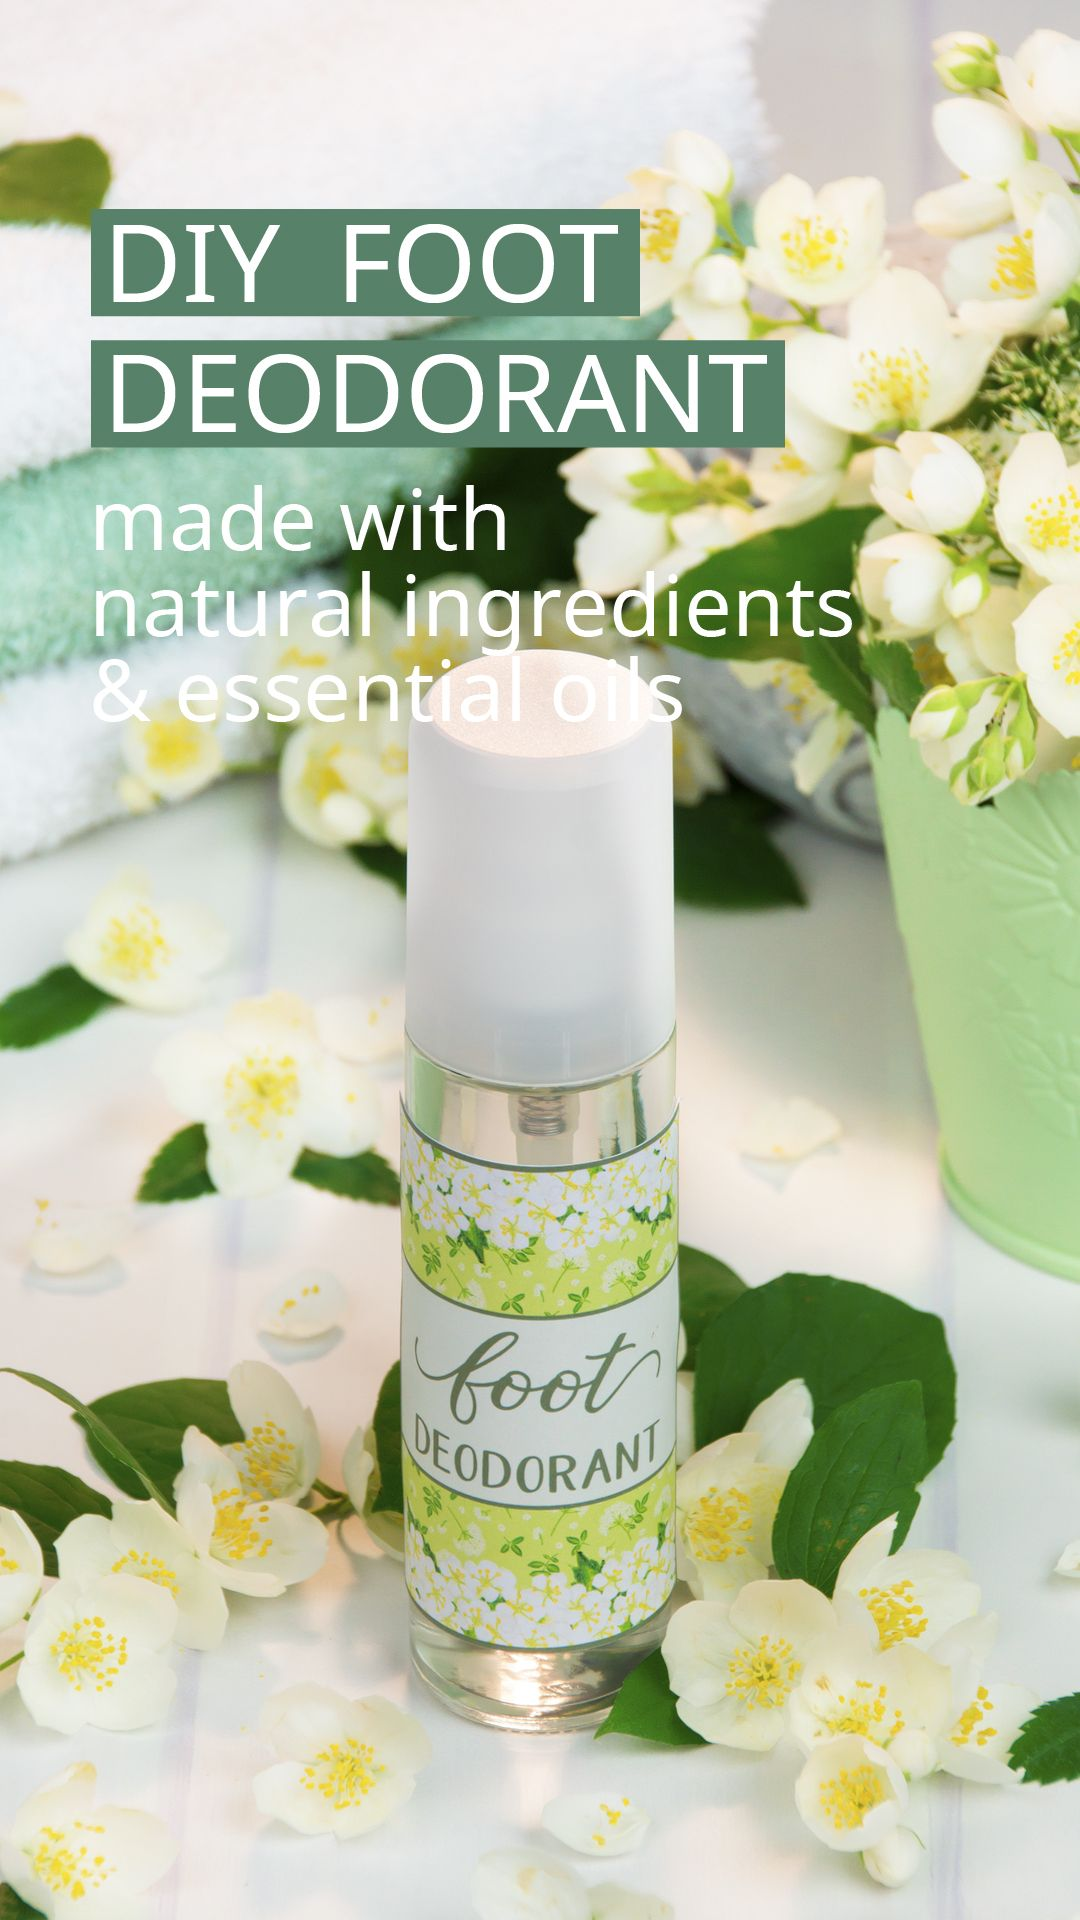 Diy foot deodorant with essential oils deodorant